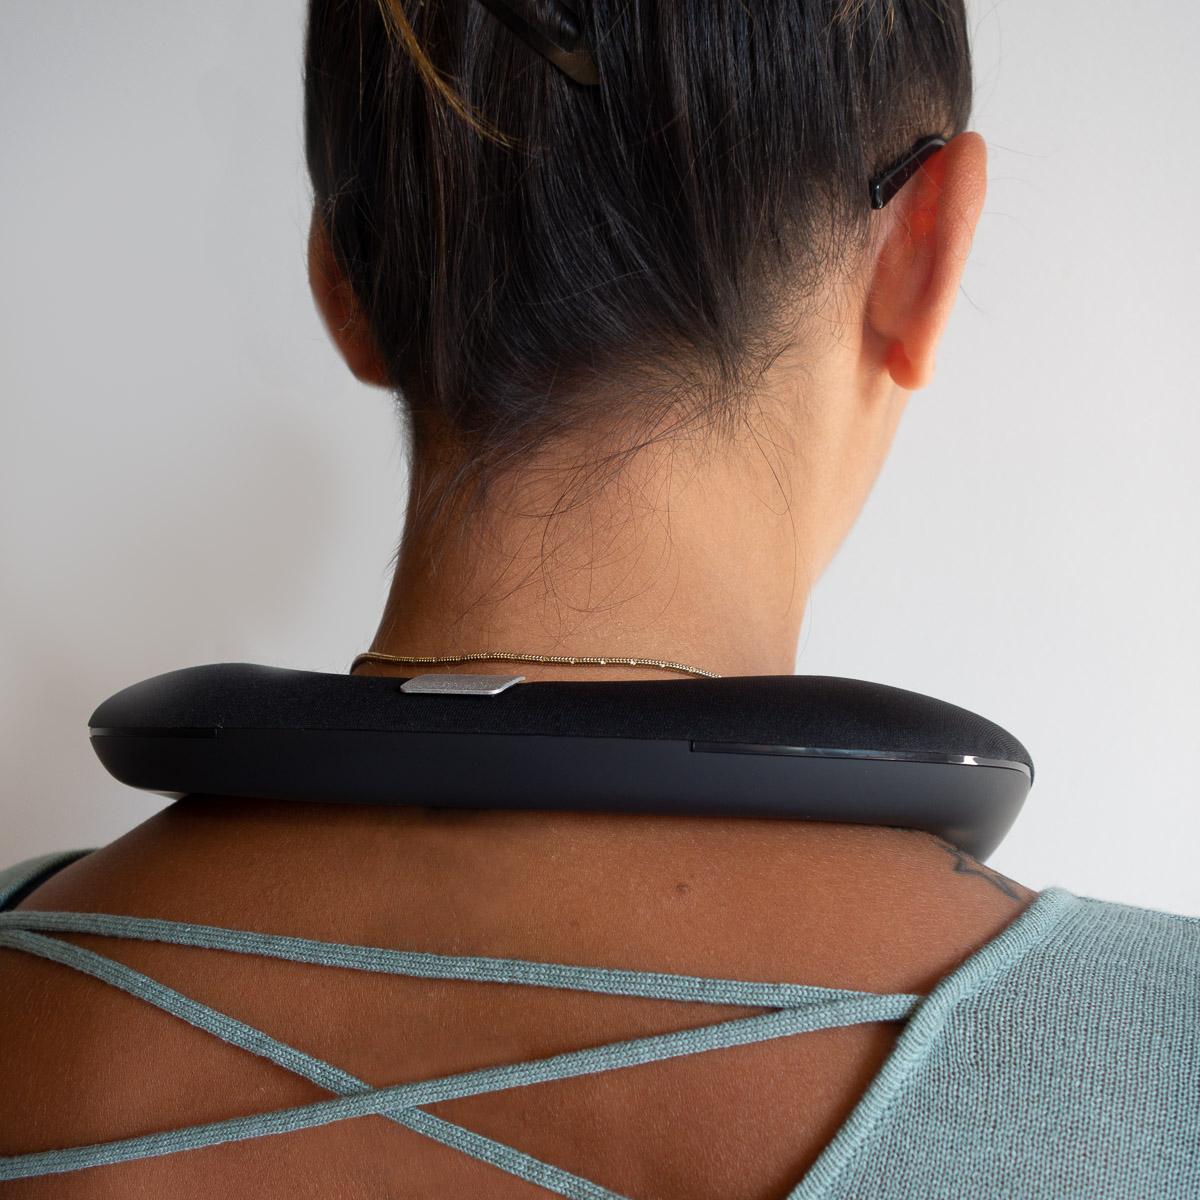 Enceinte Portable Audiowave pour le Cou